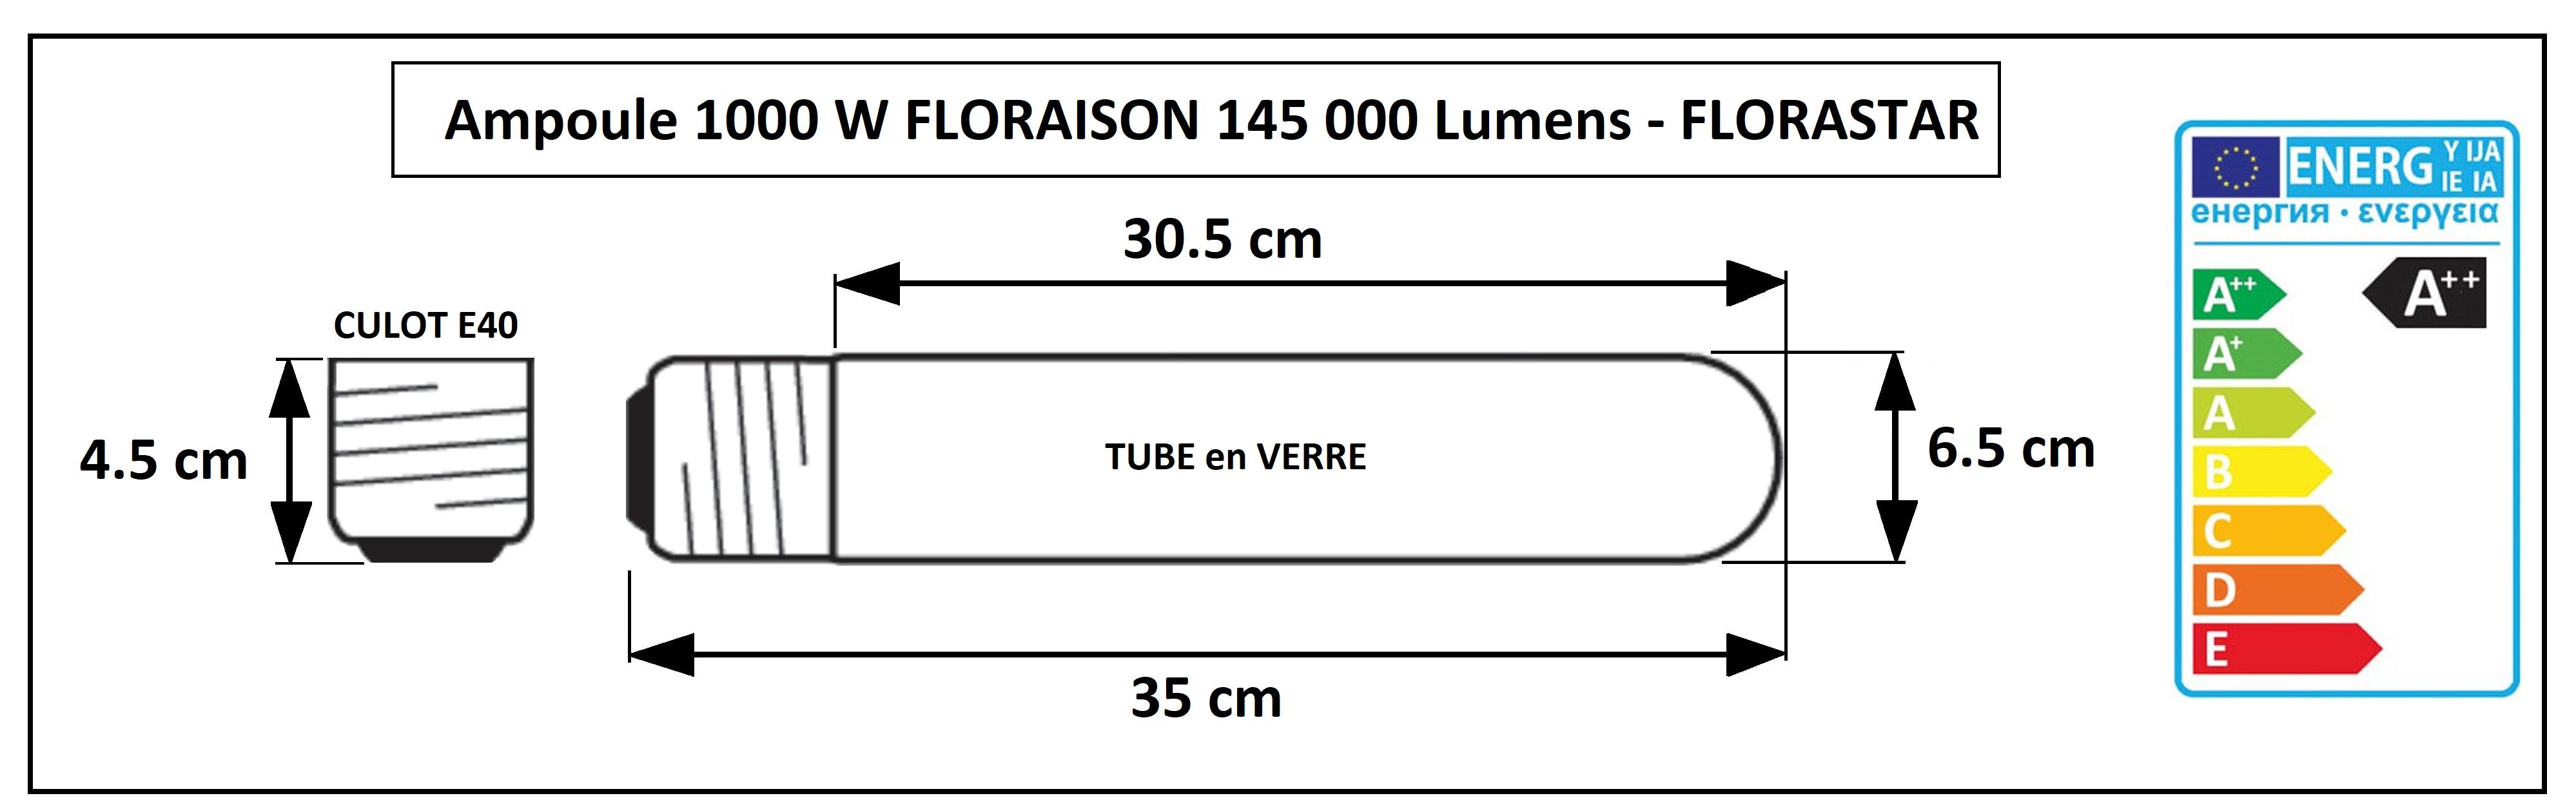 Ampoule HPS 1000 Watt floraison 2000K Florastar